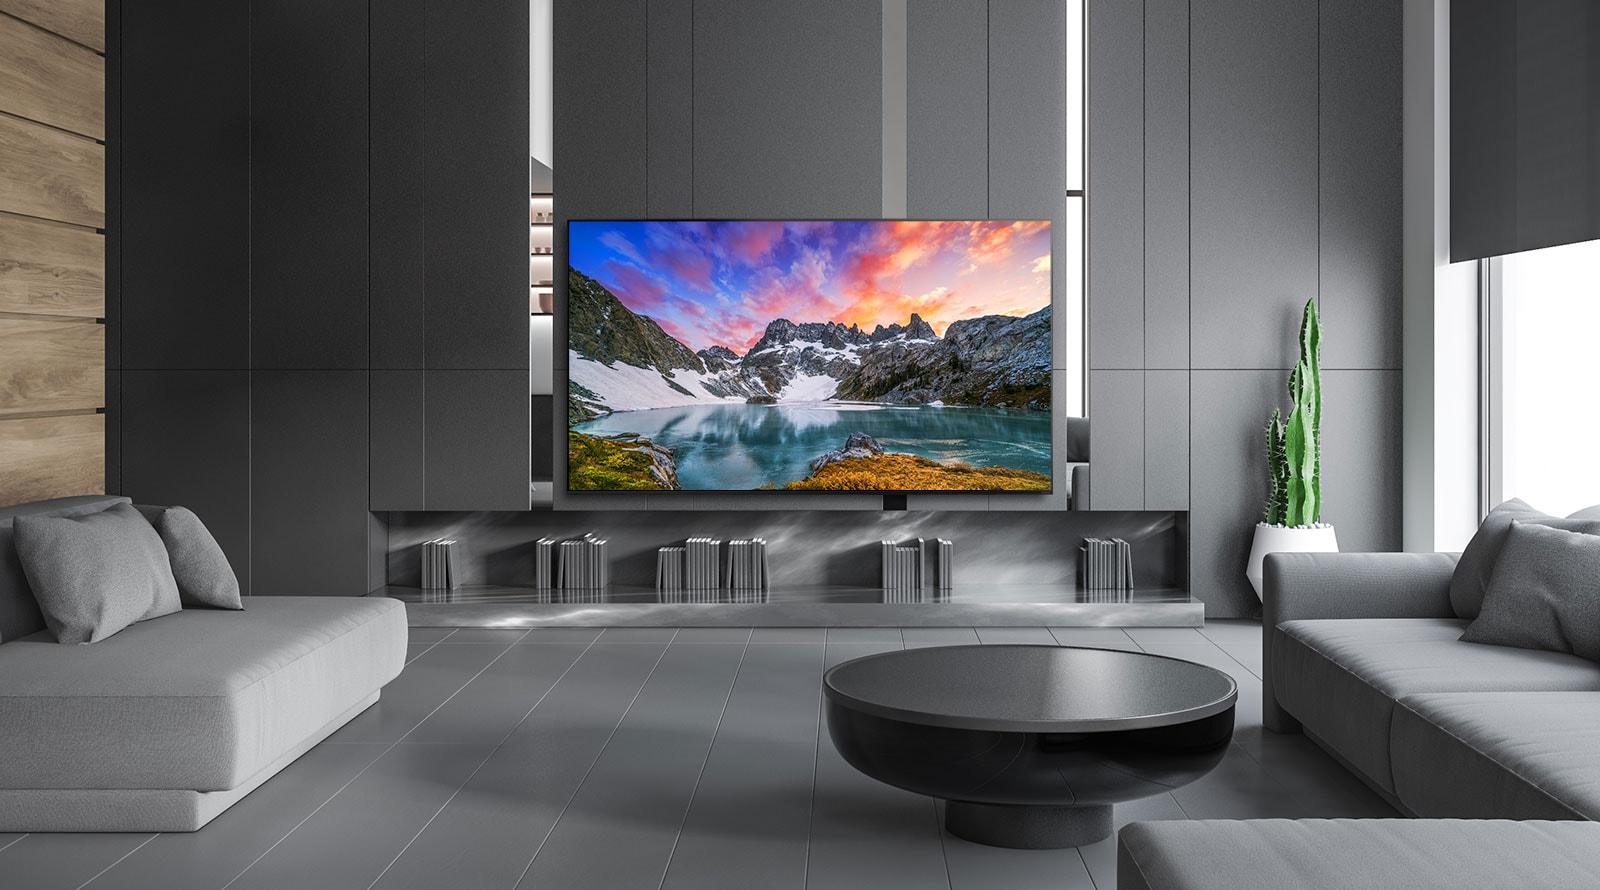 На экране показано изображение природы, снятое на уровне глаз, с роскошной домашней обстановкой вокруг